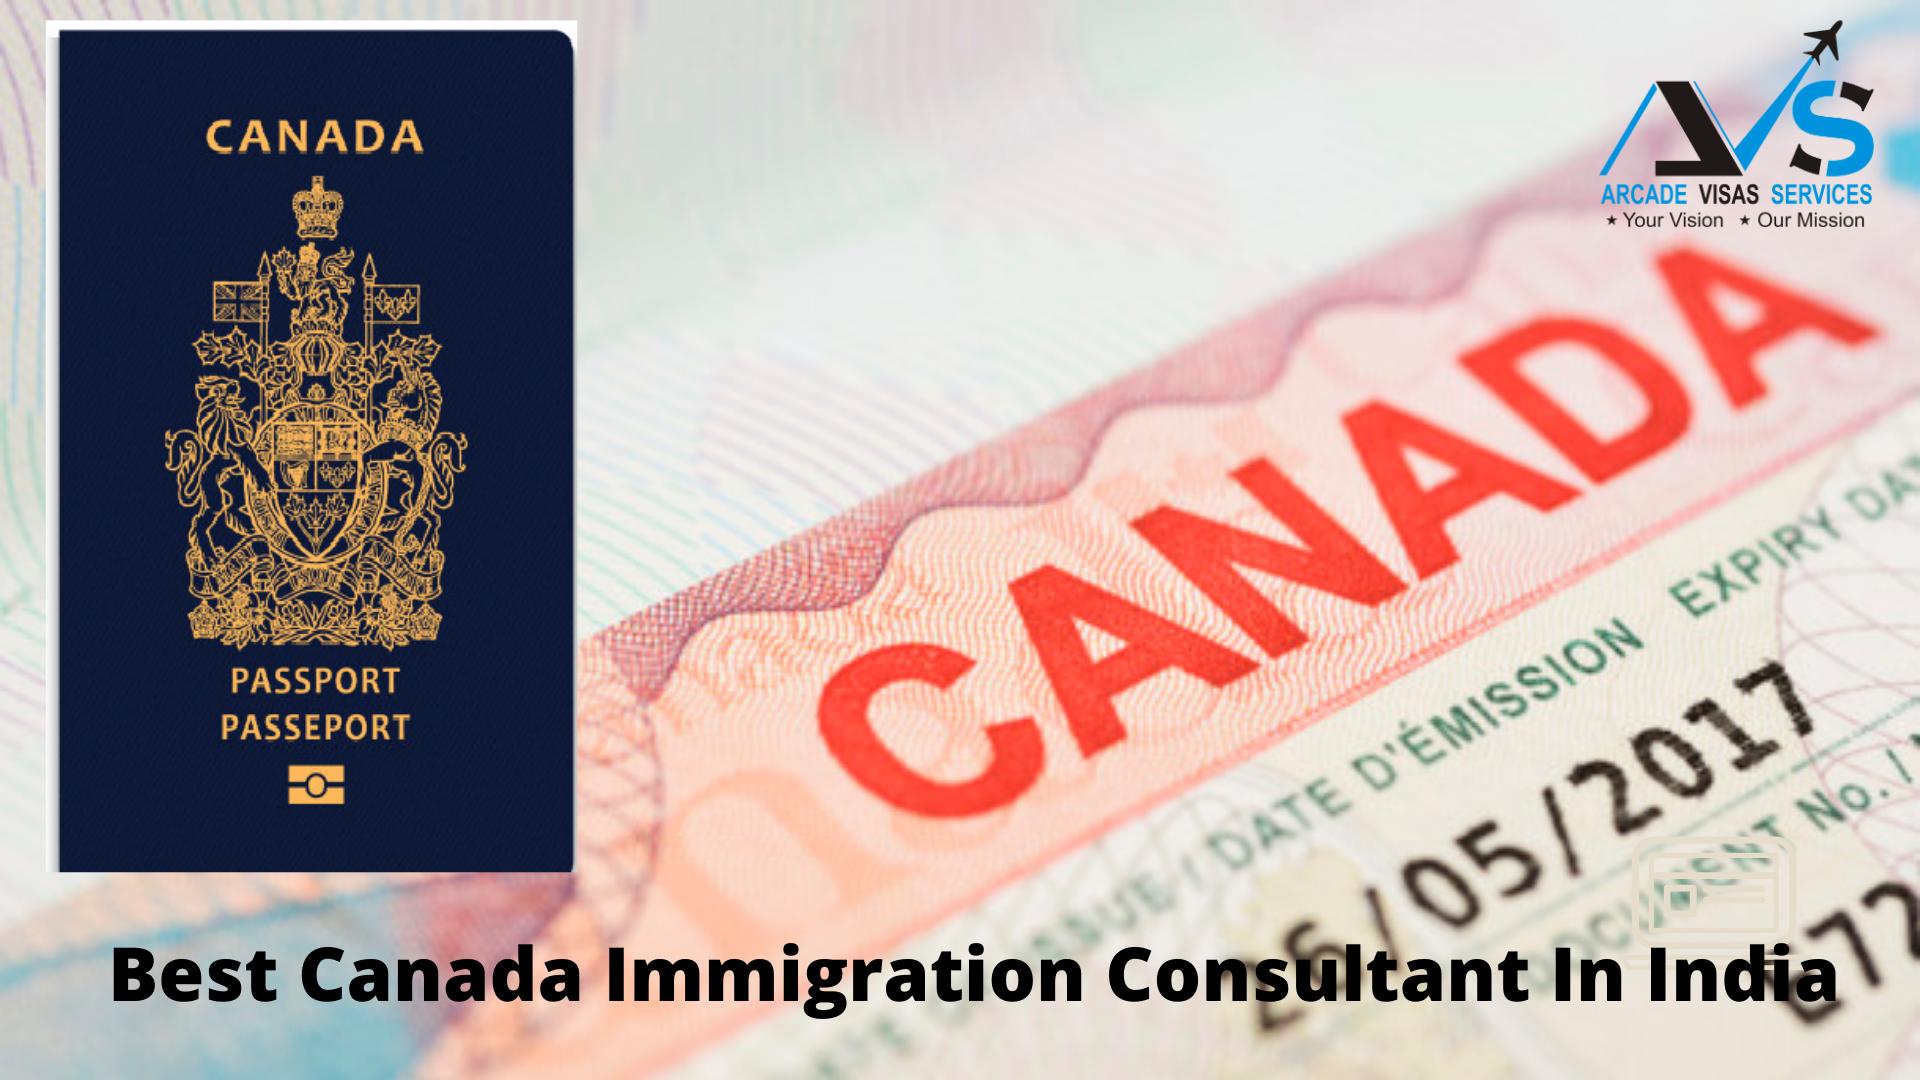 Best Canada Immigration Consultant In India, Canada Immigration Consultant In India, Canada Immigration Consultant